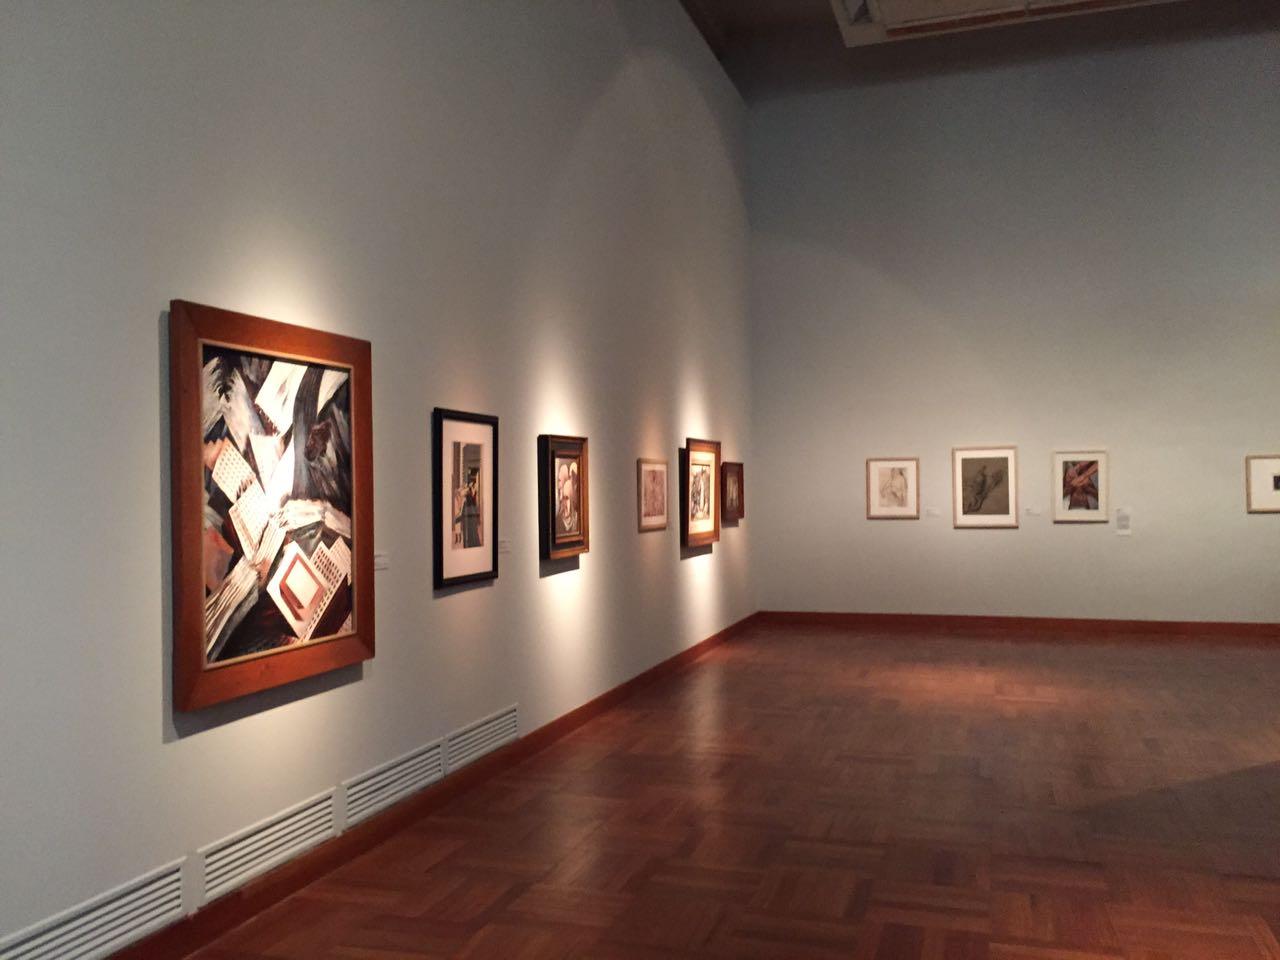 La exposición pendiente, con obras de  Orozco, Rivera y Siqueiros, llega a México   El Imparcial de Oaxaca